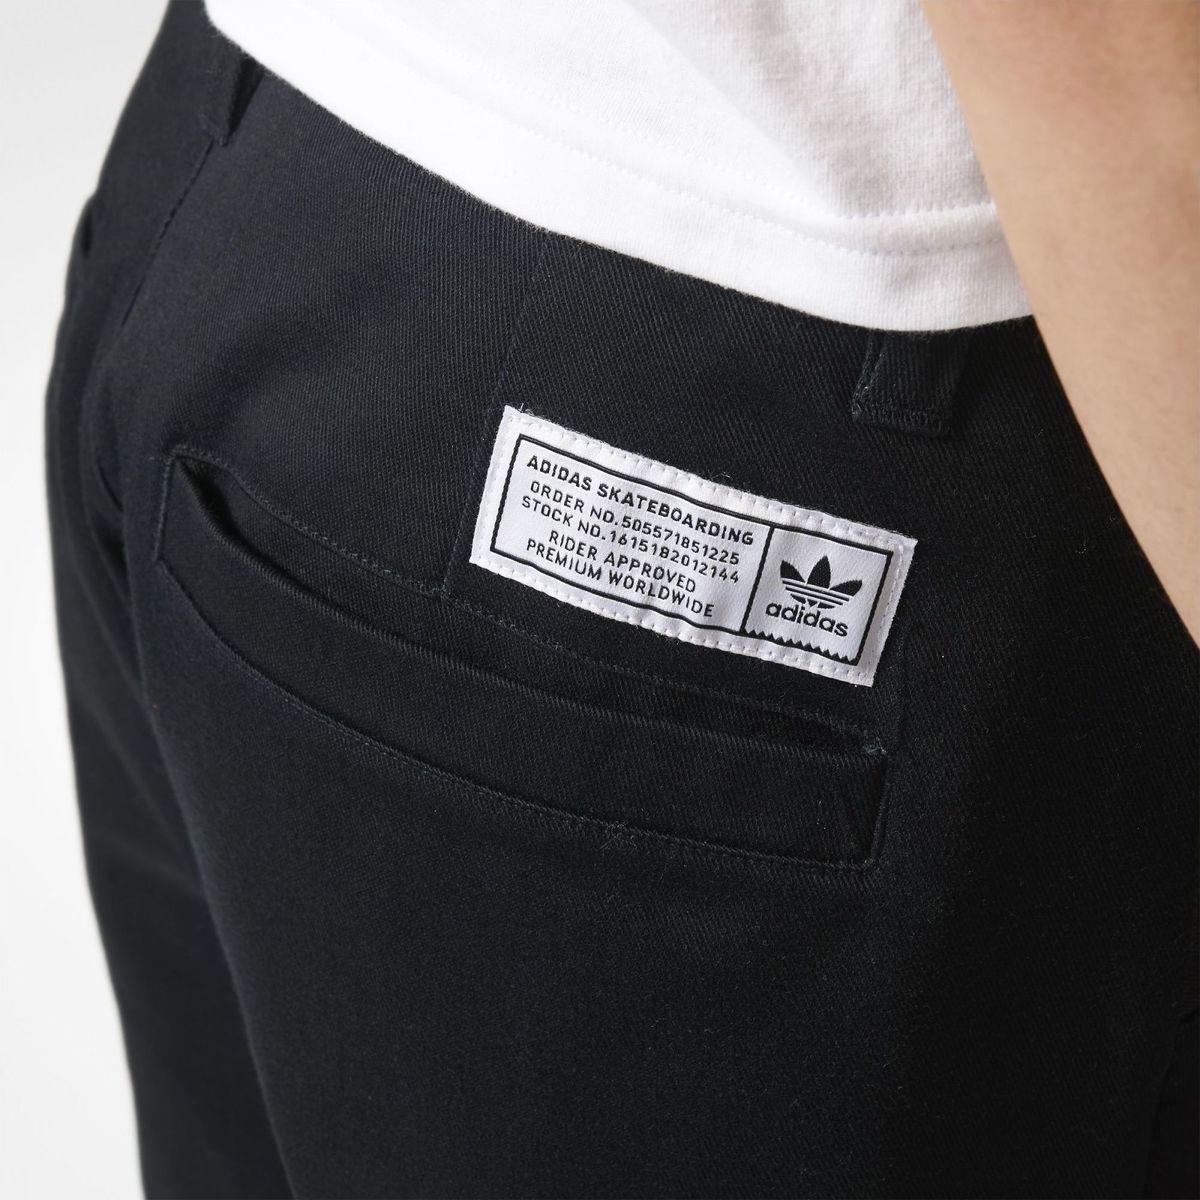 pantalón adidas skateboarding chino adi hombre skate. Cargando zoom. e93e6d49257